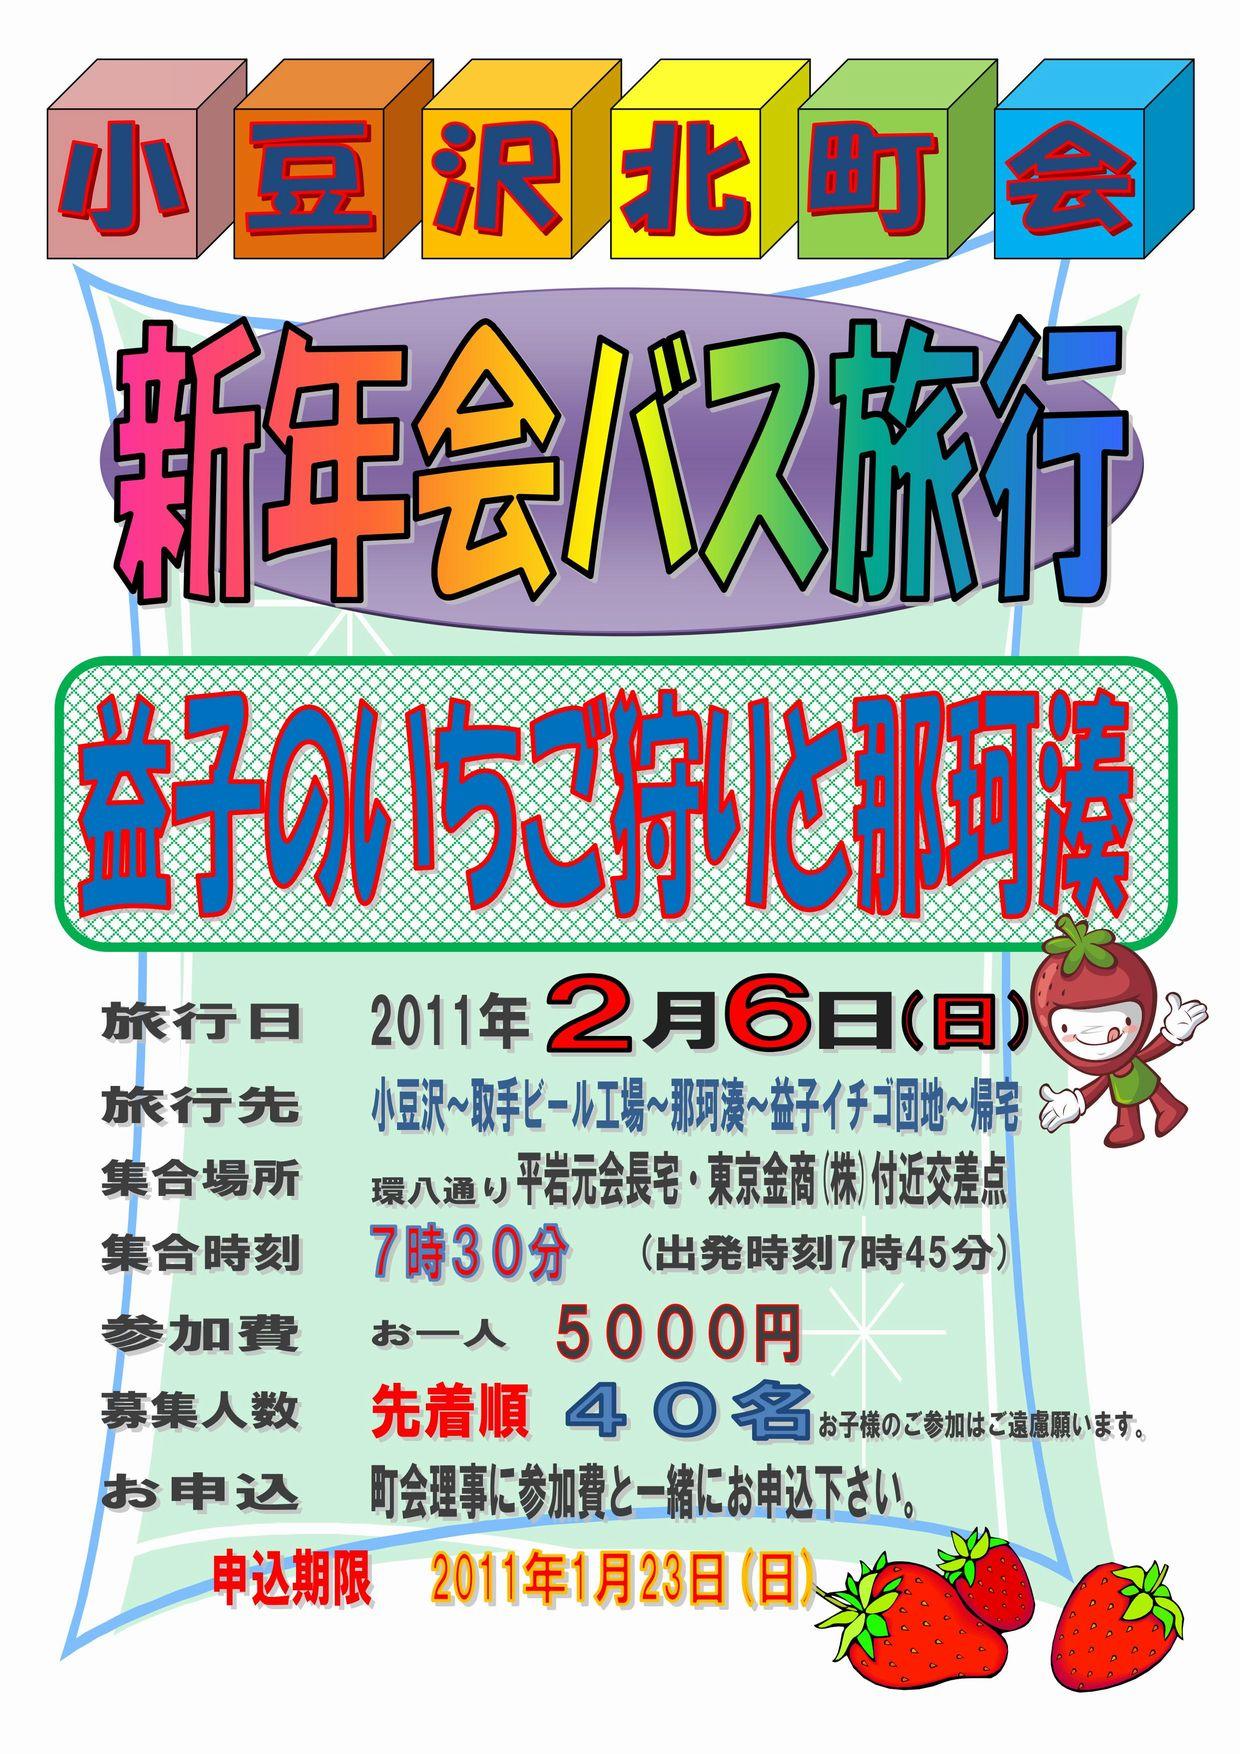 2011/02/06新年会ポスター